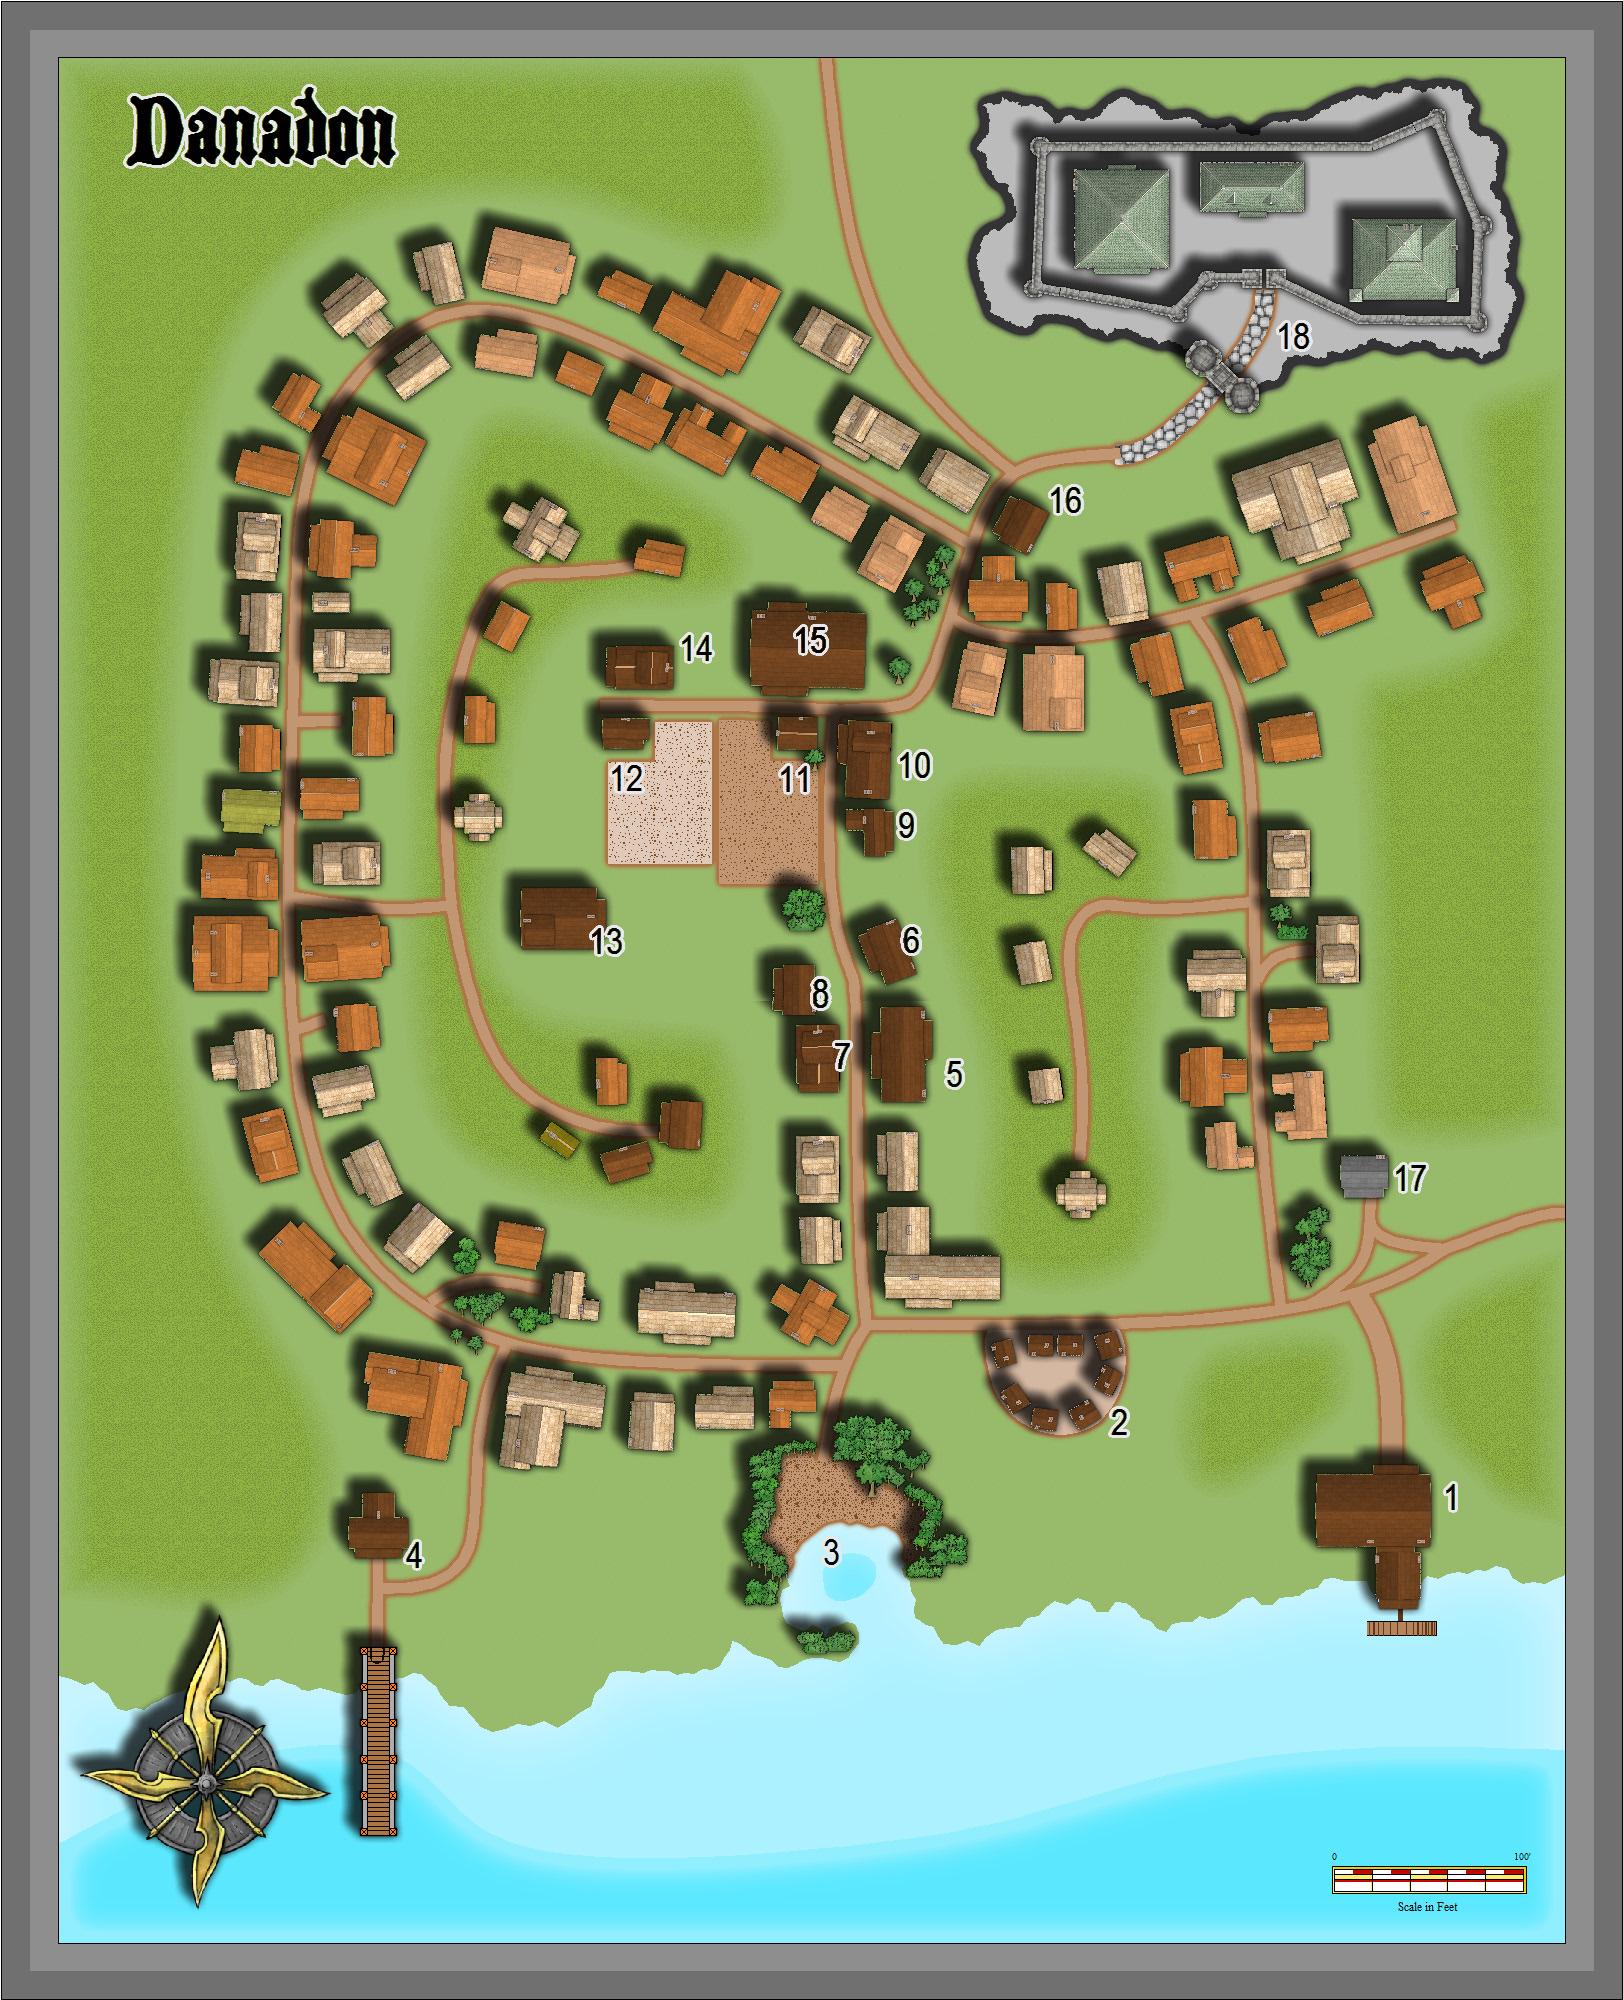 Danadon Village 2 b